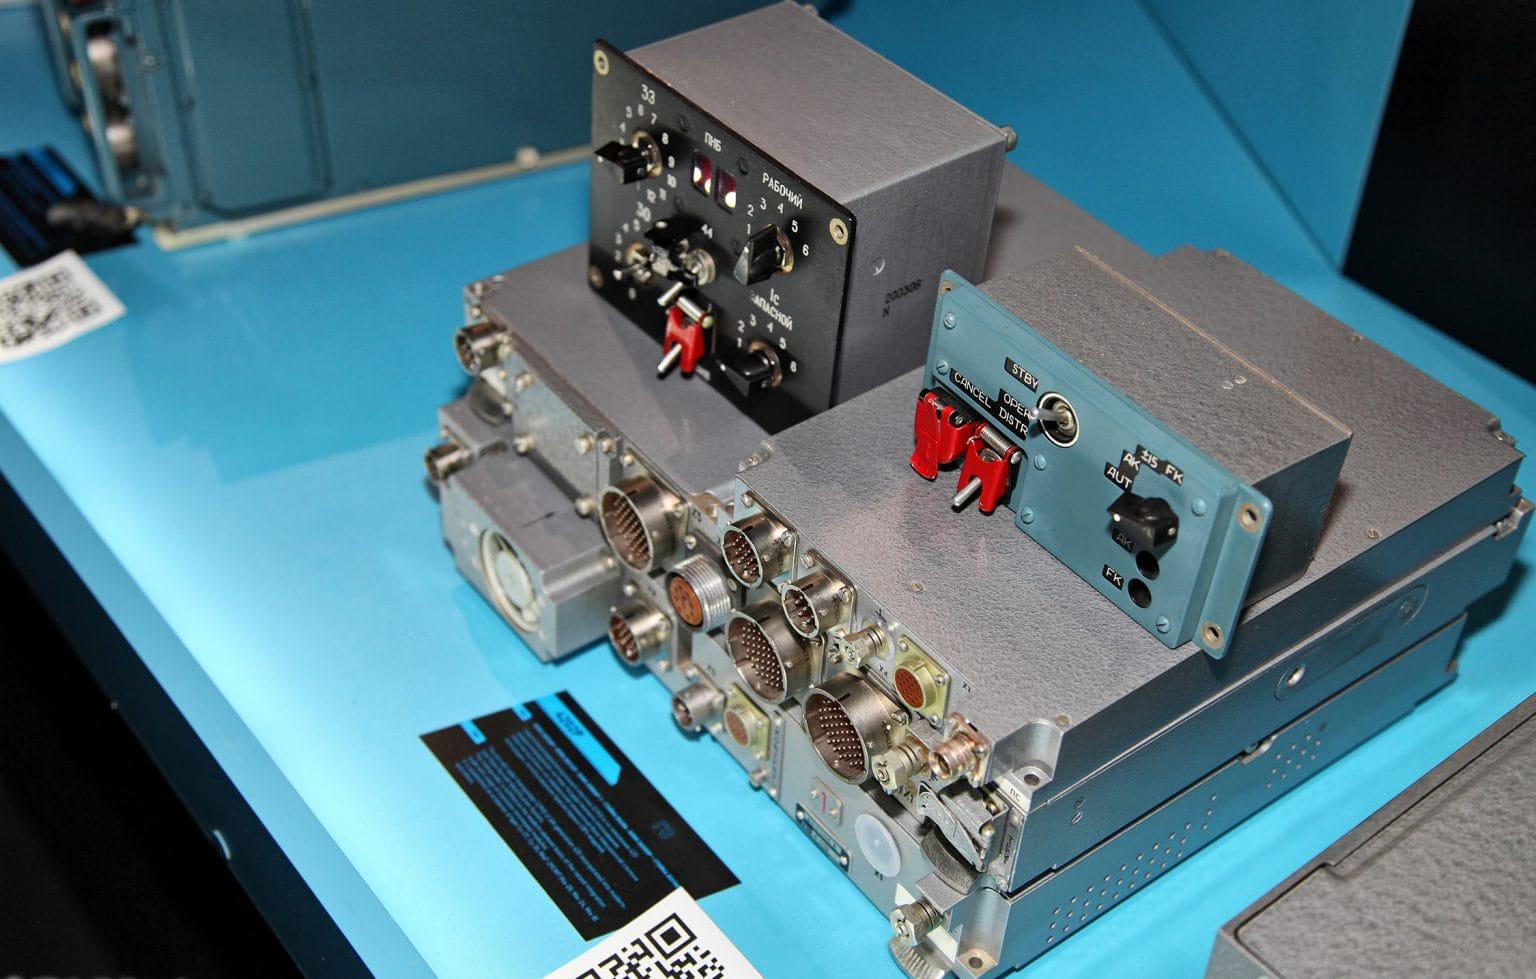 Бортовой приёмопередающий радиолокационный ответчик 4202Р повышенной мощности. Подобные устройства требуют хирургического подхода к вызовам ЭМС. Фото - Виталий В. Кузмин